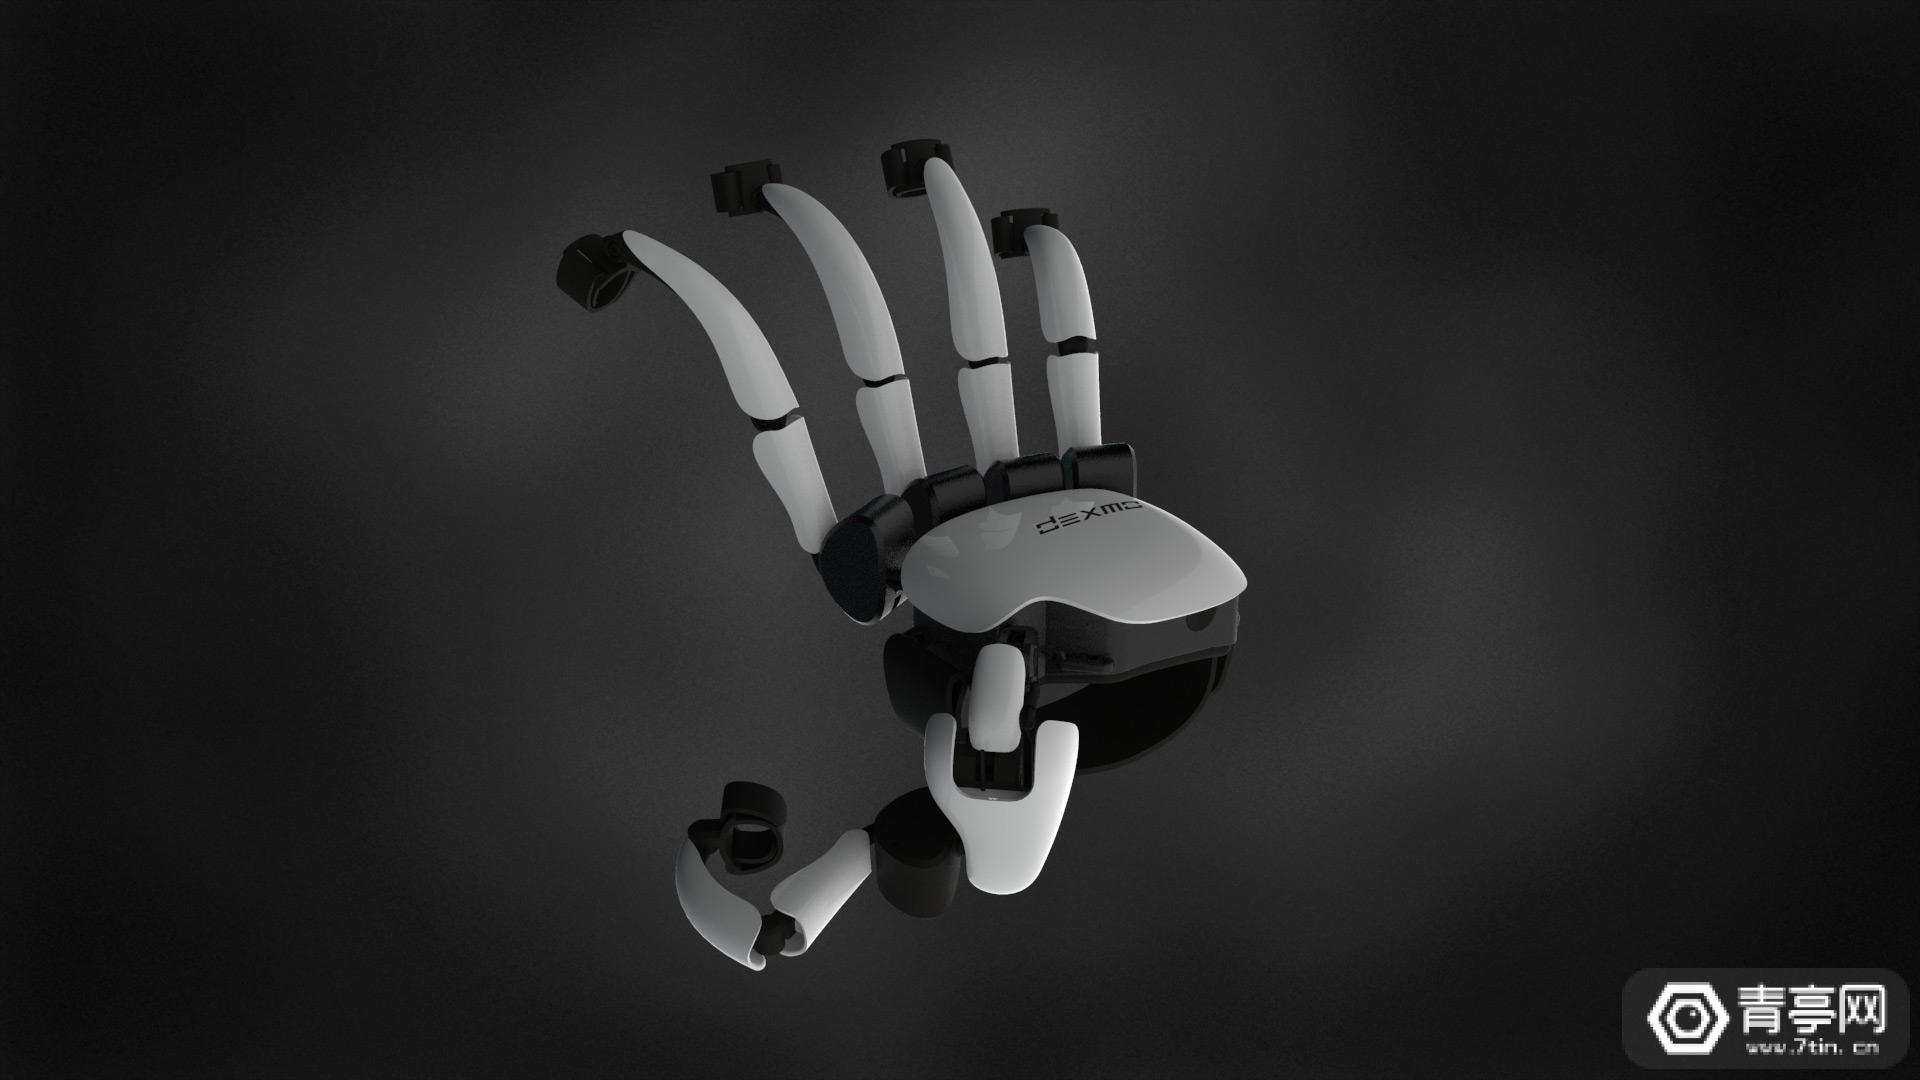 采用无线设计,岱仕科技推出企业版Dexmo力反馈手套